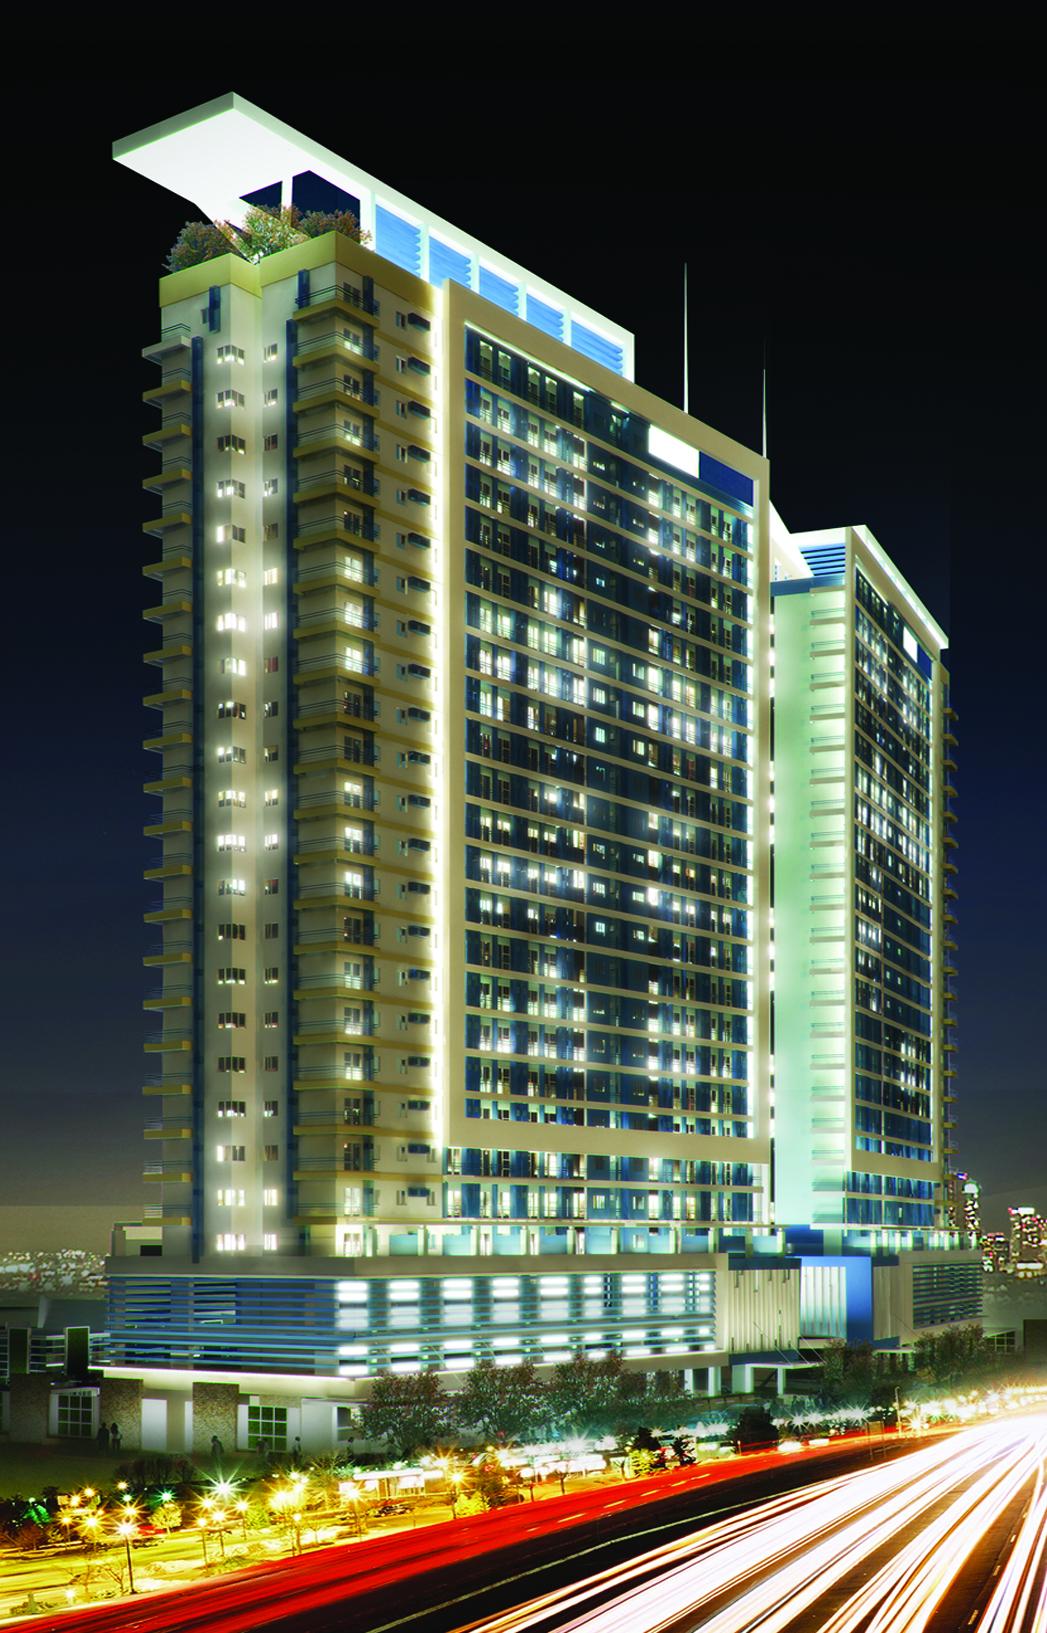 Vista Residences Inc, First Two 25-Storey, Loop Cagayan de Oro, Cagayan de Oro hotelsX, cdo